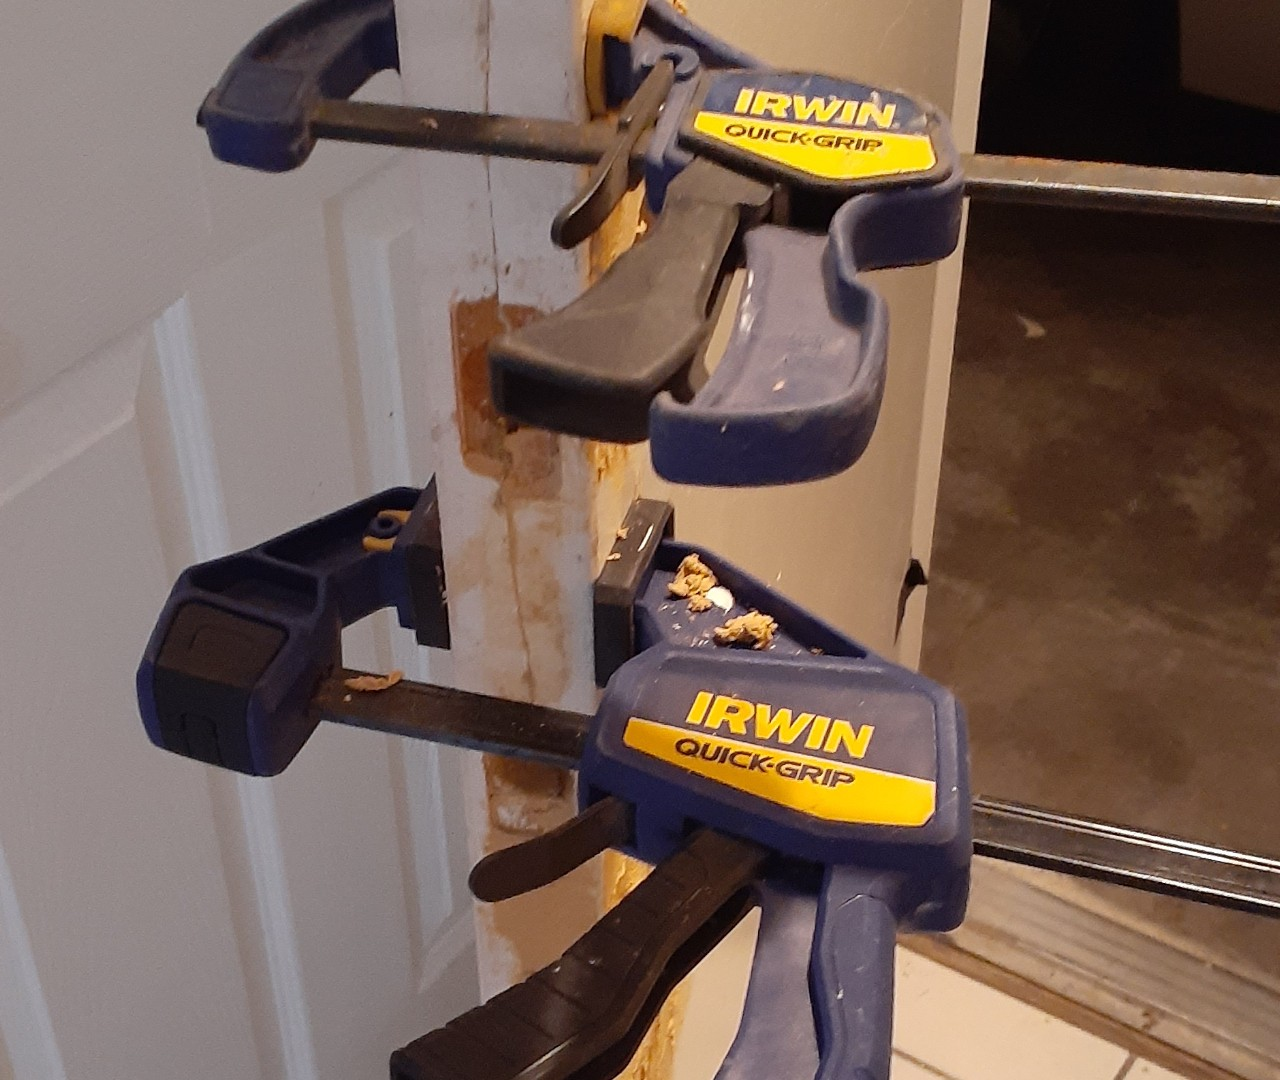 Repairing a broken door handle